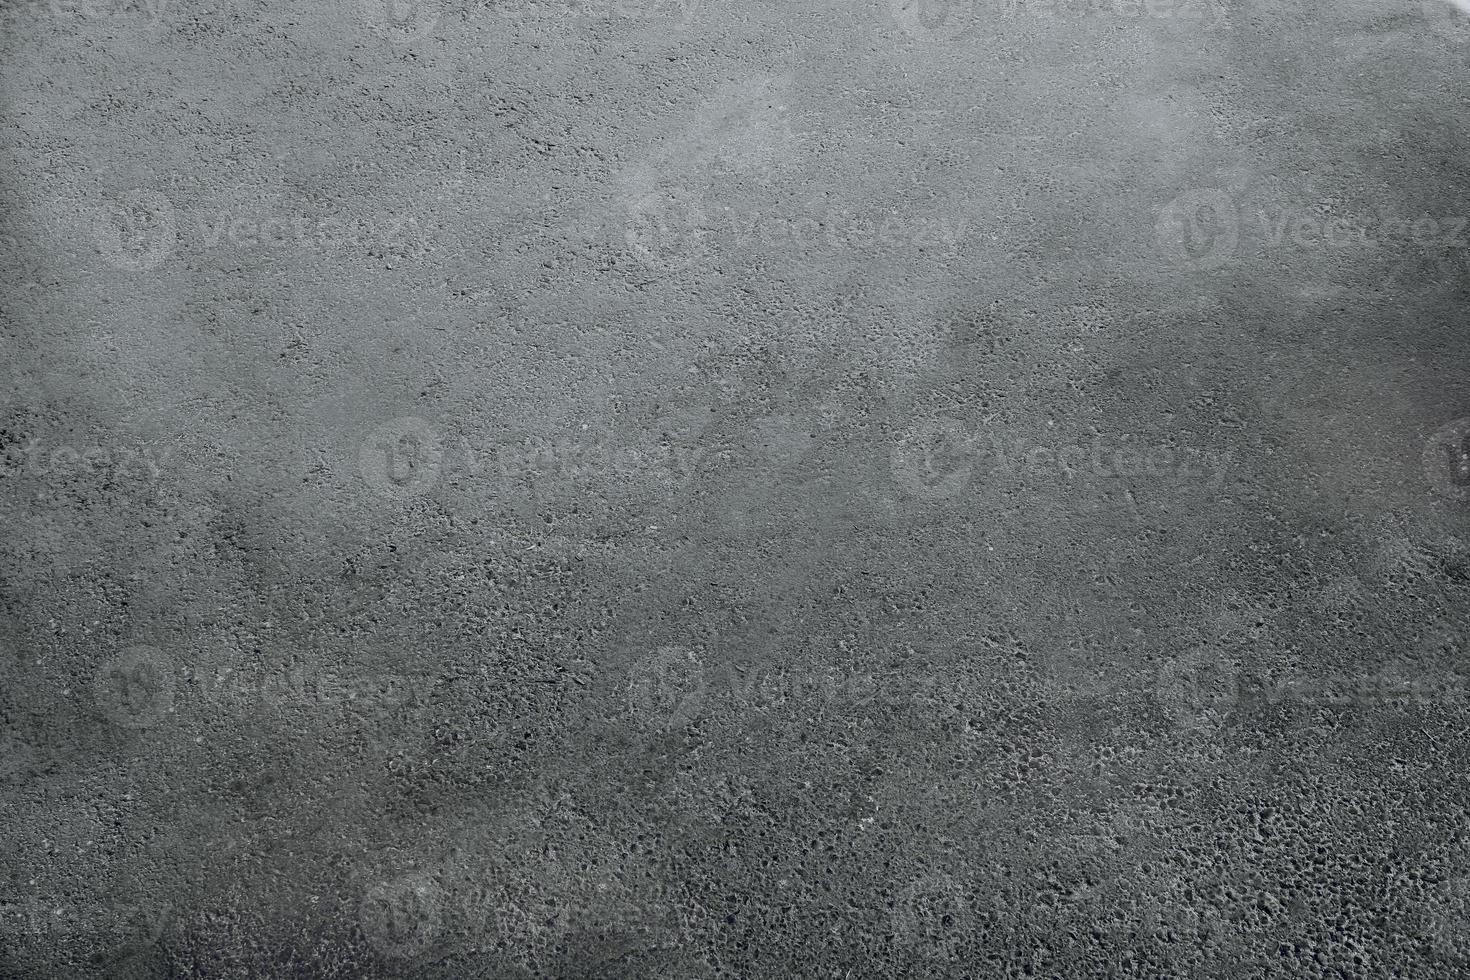 textura de asfalto foto